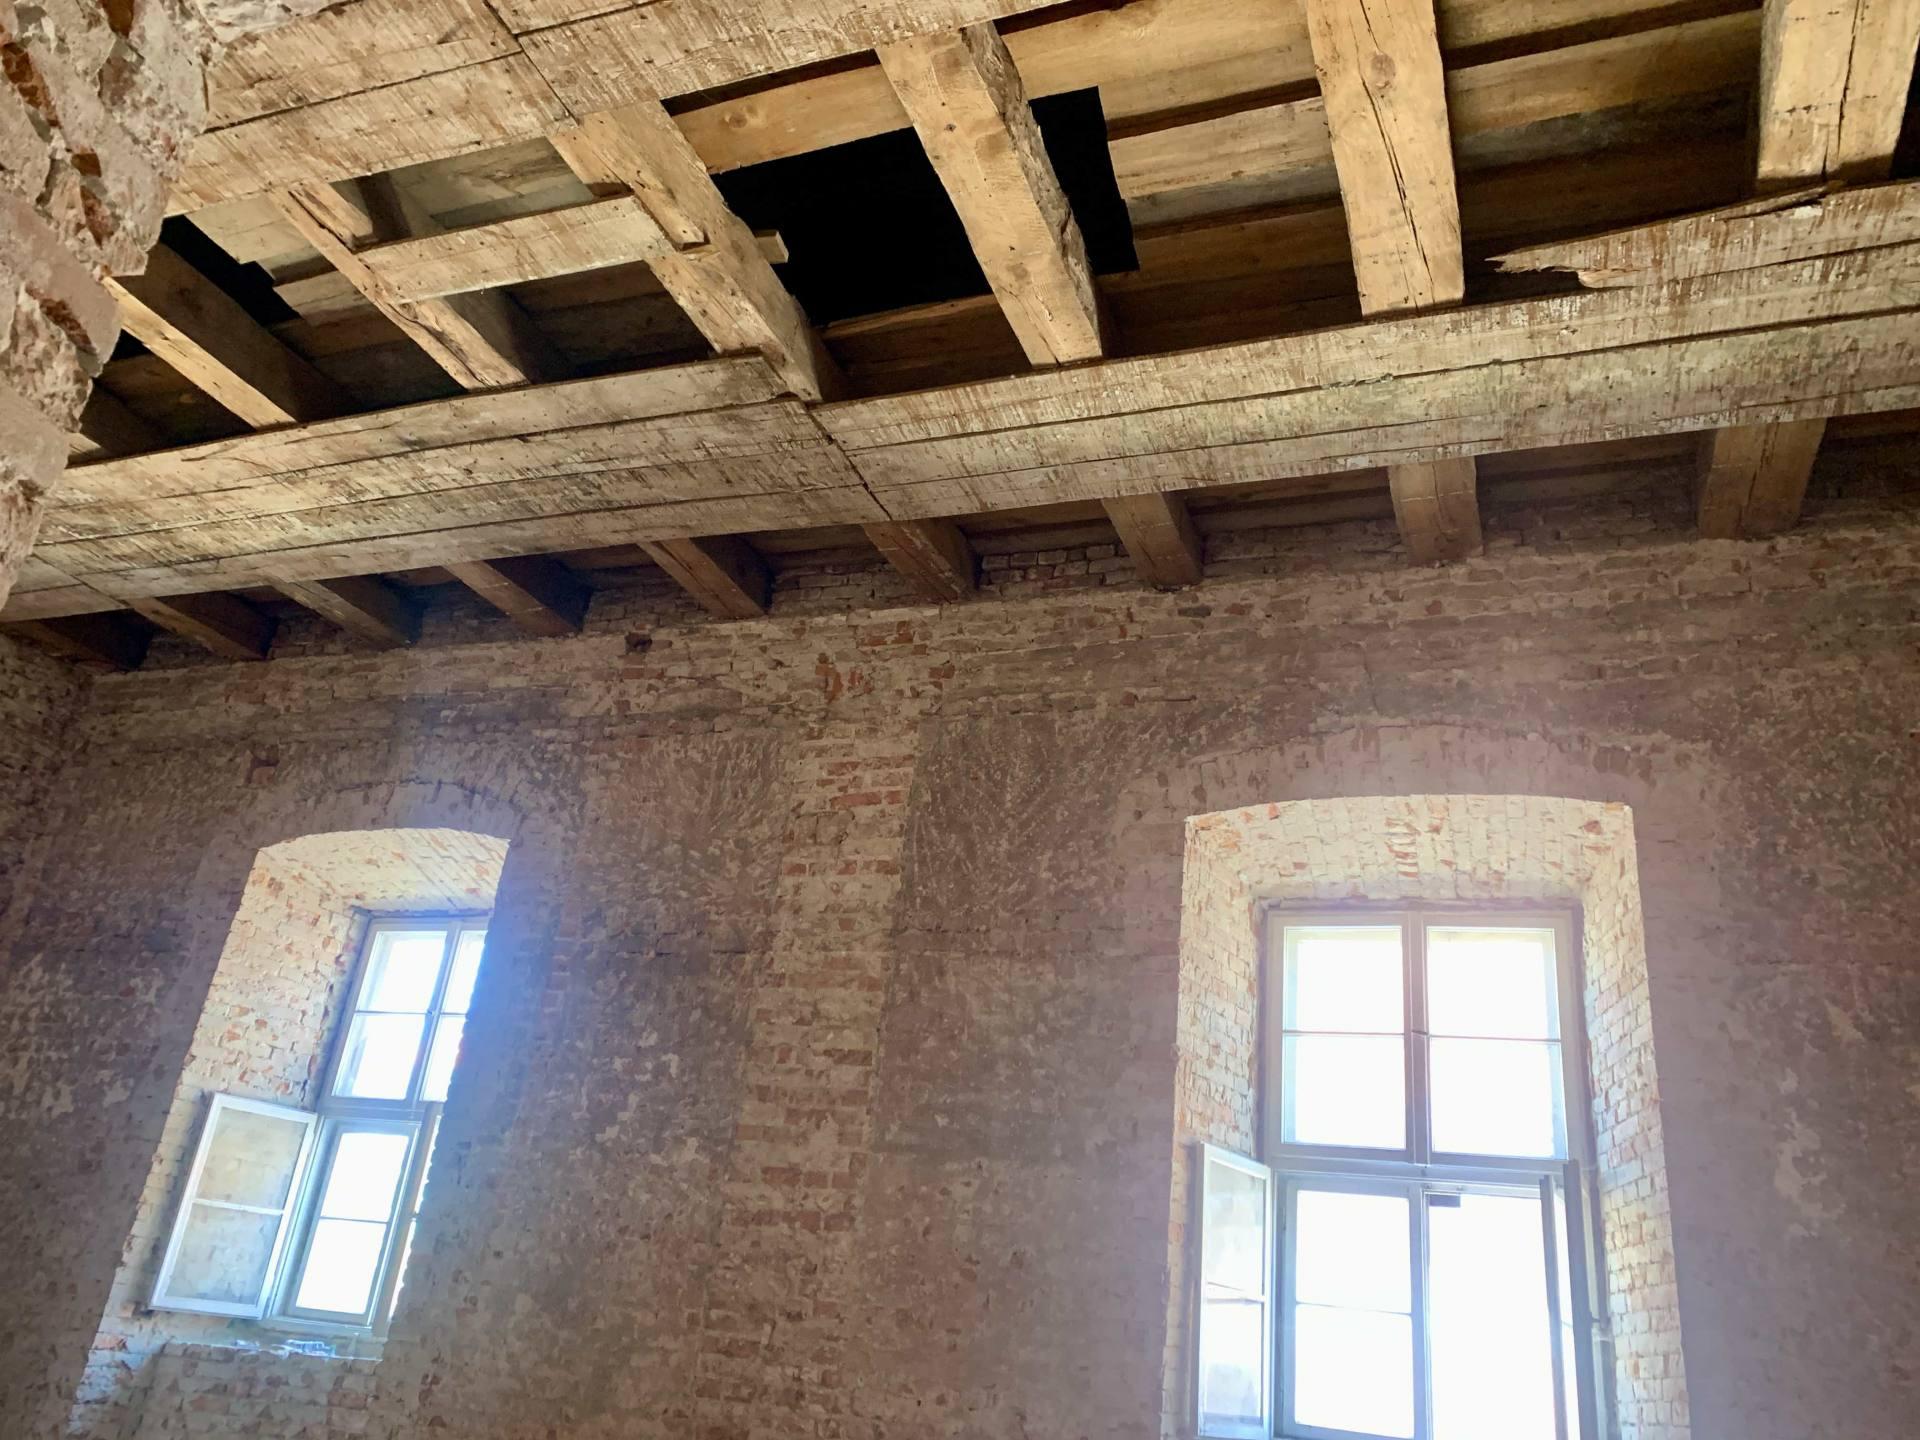 img 1805 ZAMOŚĆ: Wznowiono roboty budowlane i prace konserwatorskie w obiekcie Akademii Zamojskiej [ZDJĘCIA]